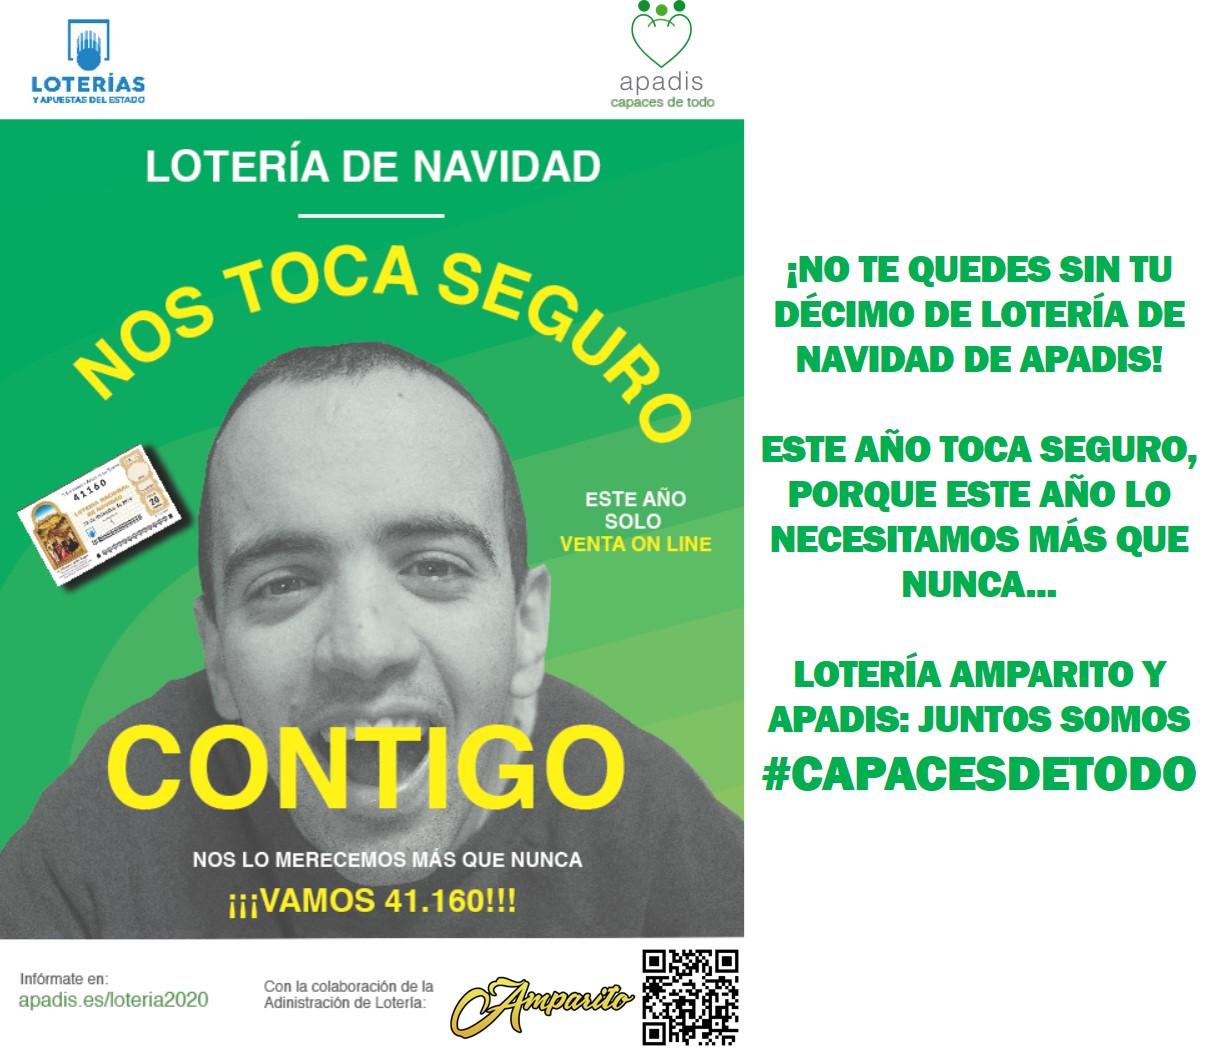 Lotería Amparito y APADIS, la lotería que toca seguro…